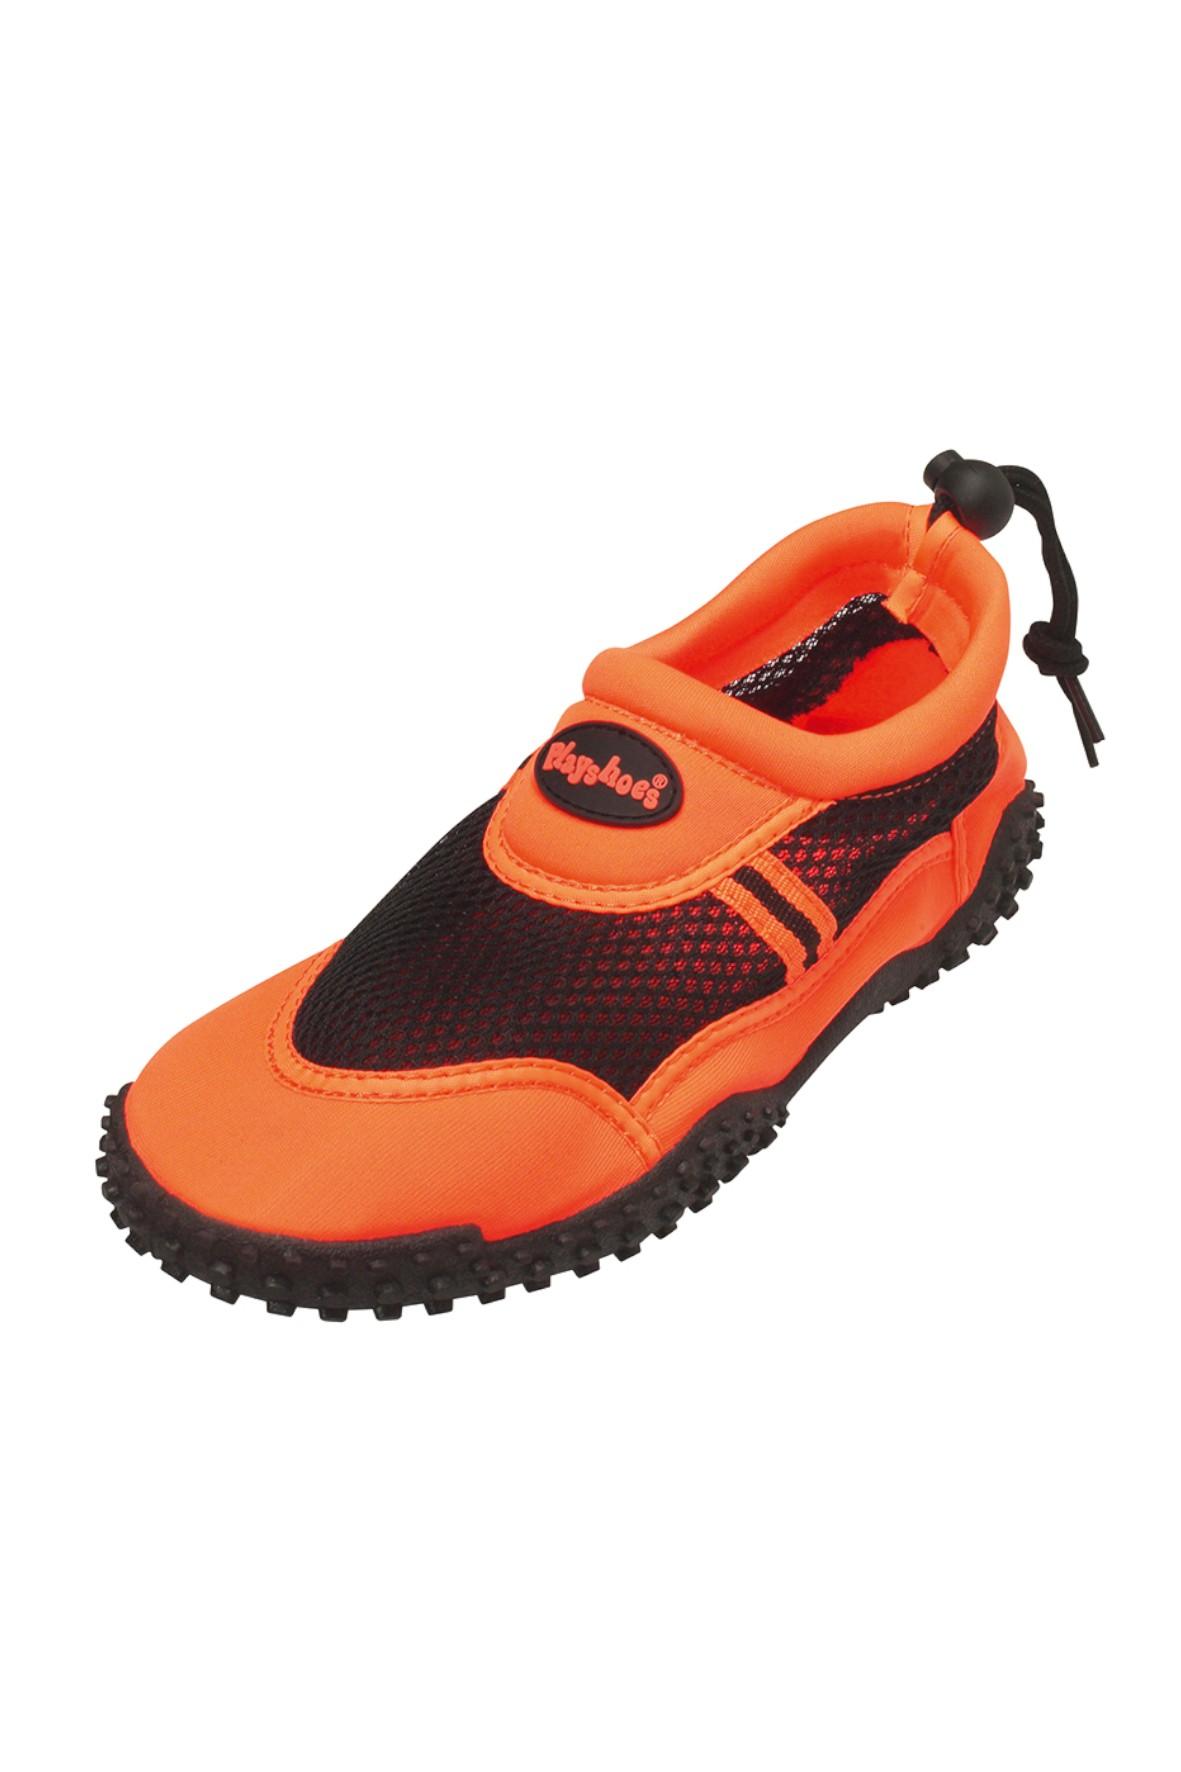 Buty kąpielowe pomarańczowe